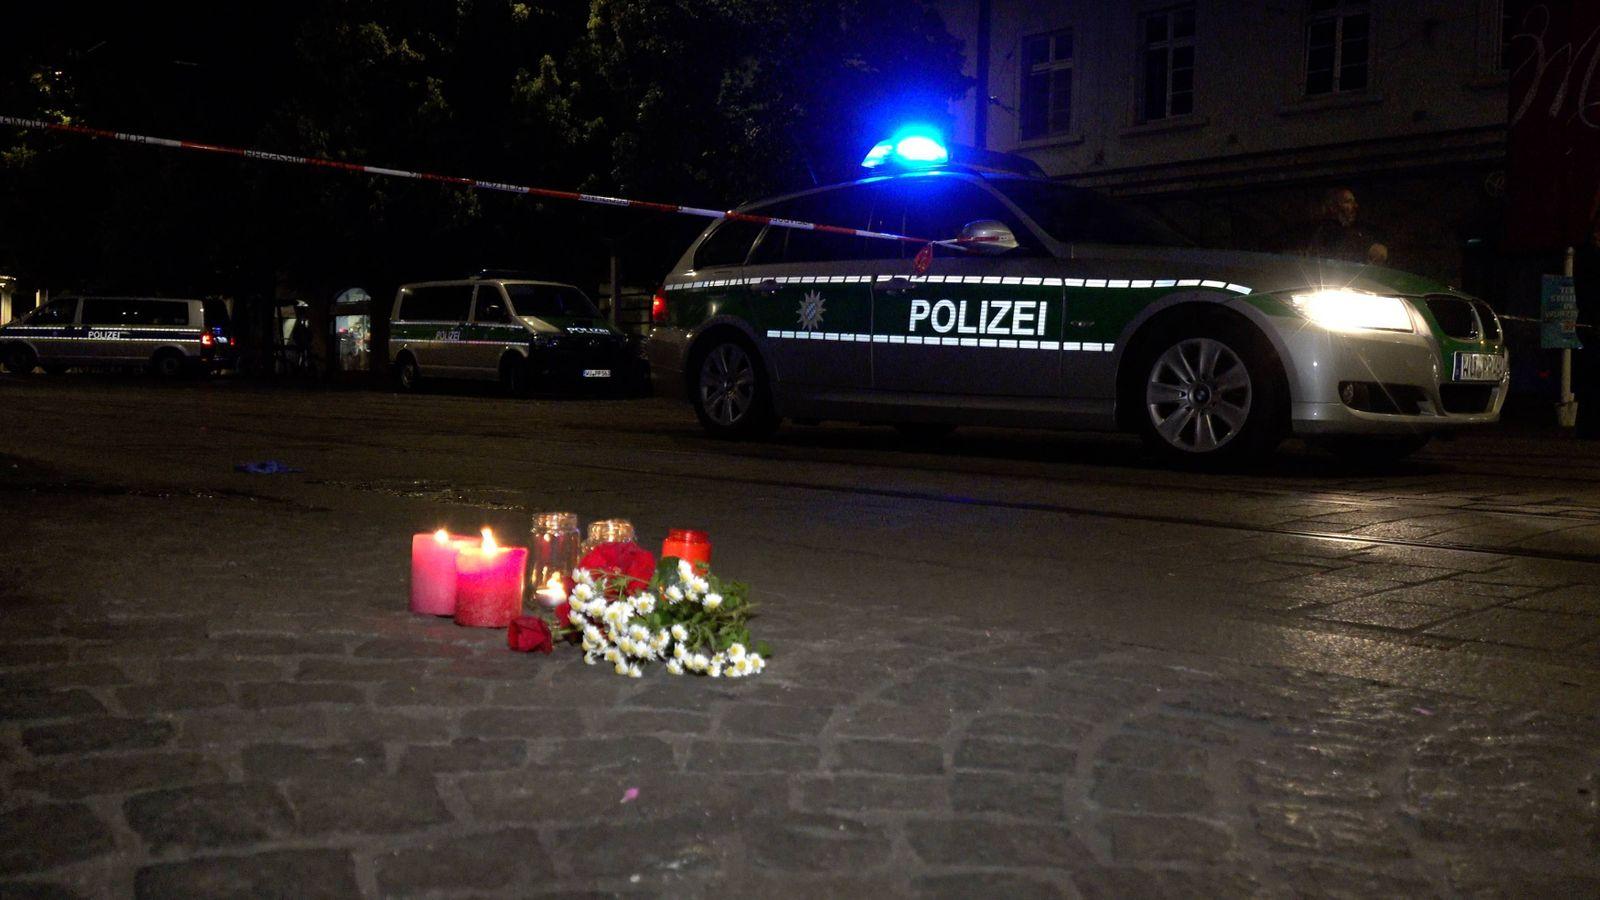 Mehrere Tote bei Messerattacke in Würzburger Innenstadt - Täter durch Polizeischüsse gestoppt Aktuelle Bilder von der A